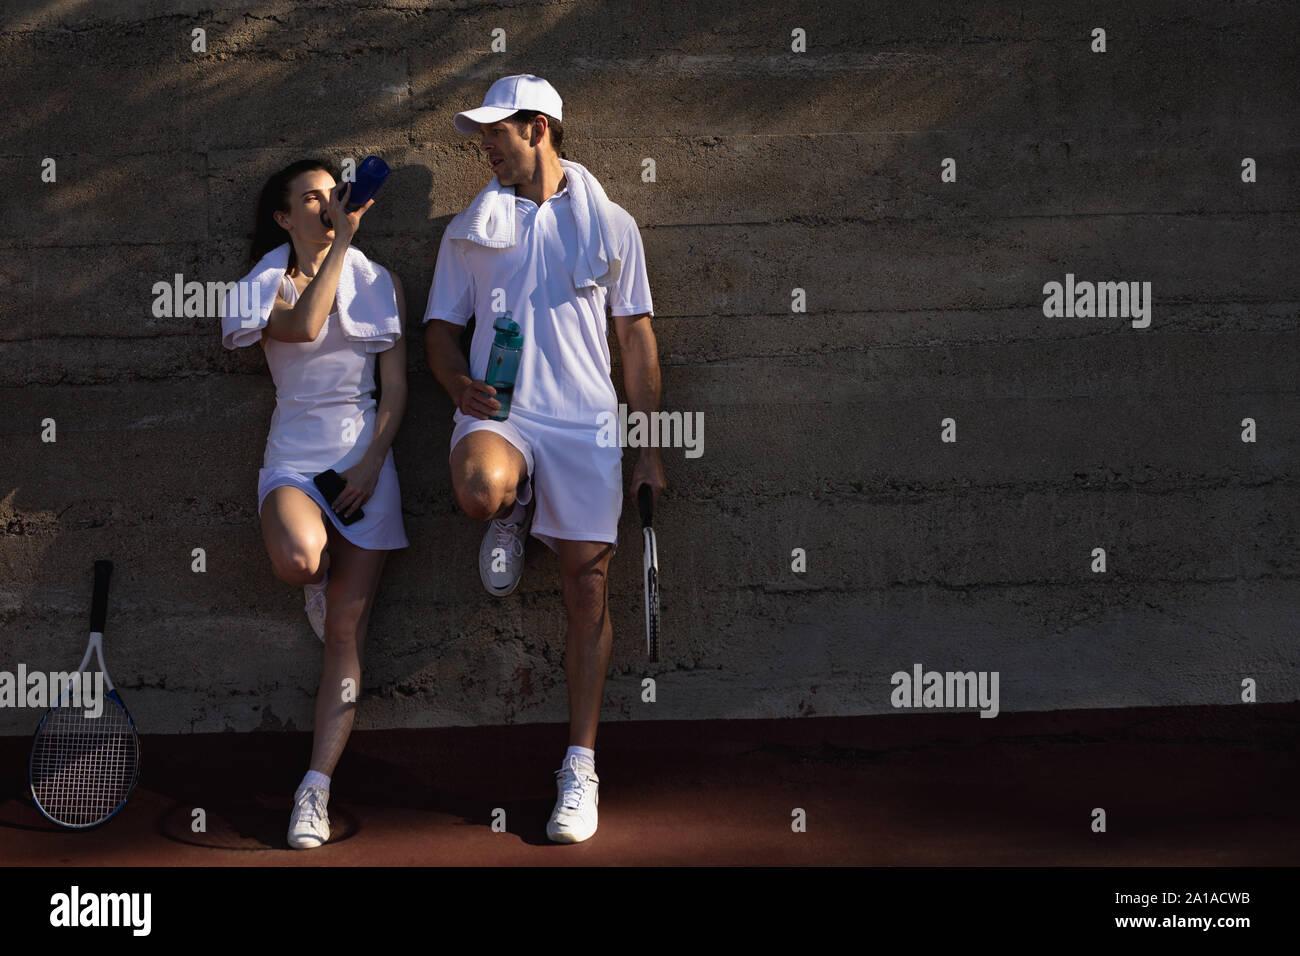 Mujer y hombre, tomando un descanso durante un partido de tenis Foto de stock